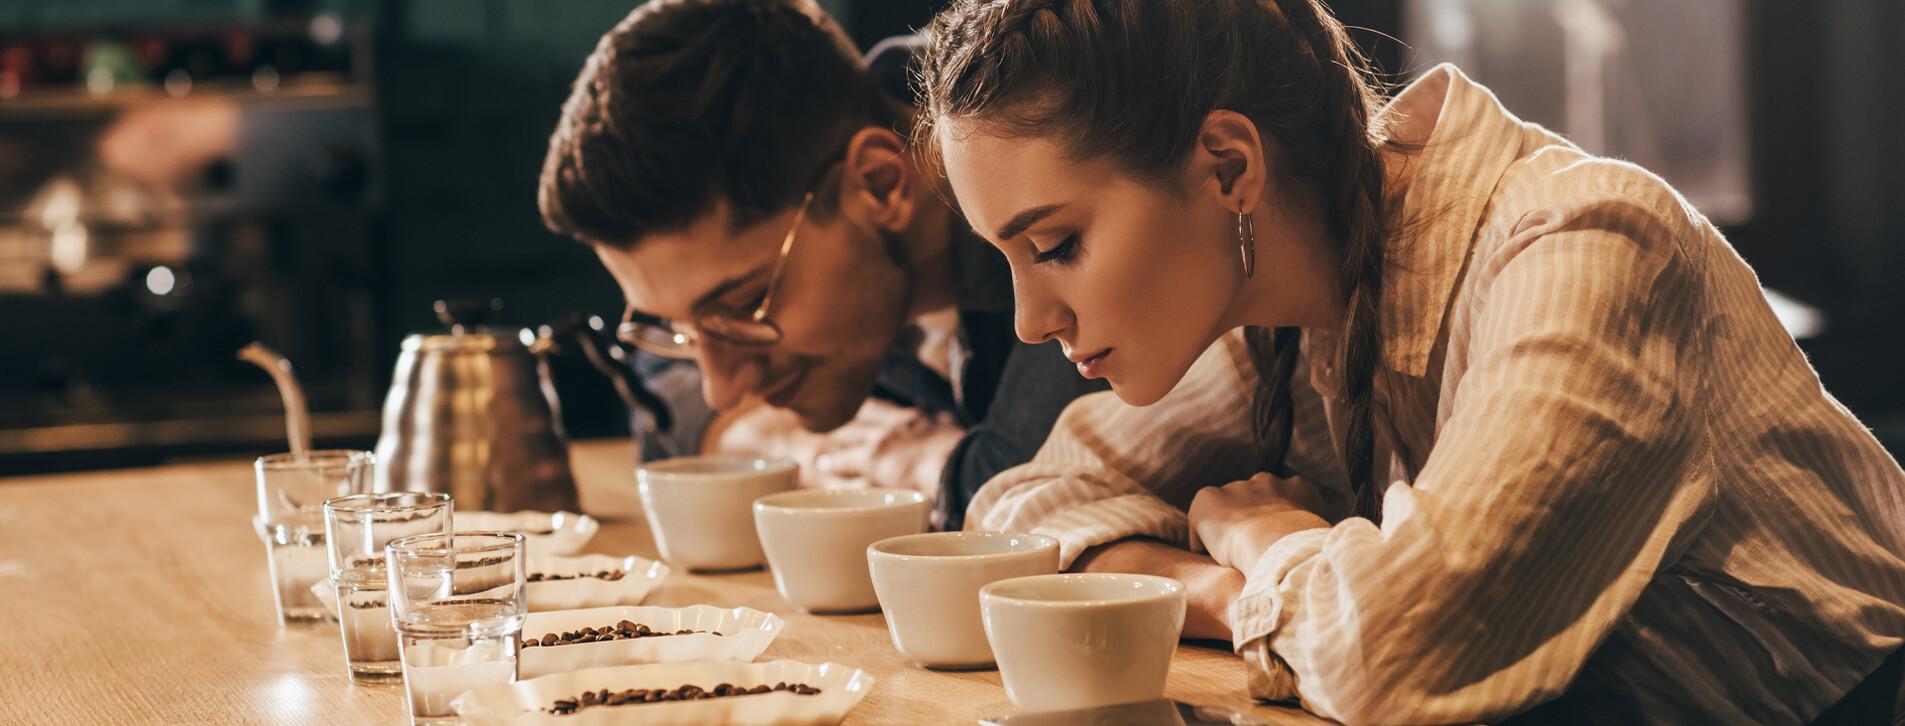 Фото 1 - Дегустація кави для компанії